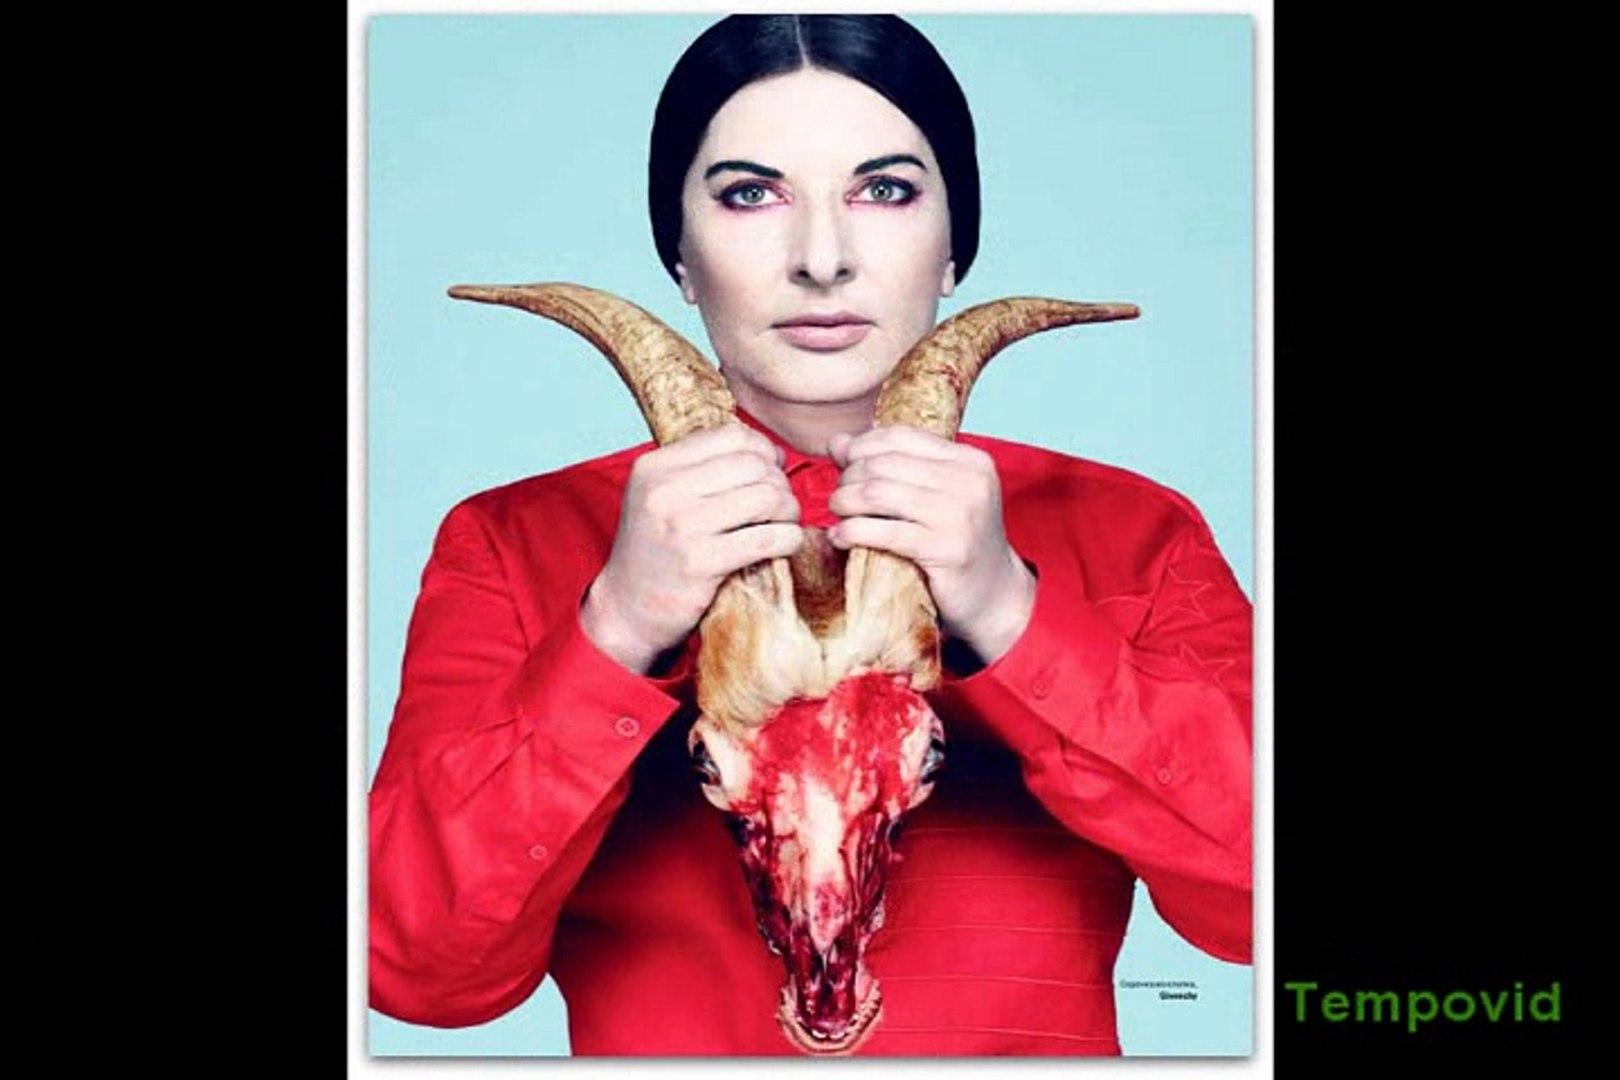 Jefe de campaña publicitaria de Hillary Clinton invitado a una cena satánica.